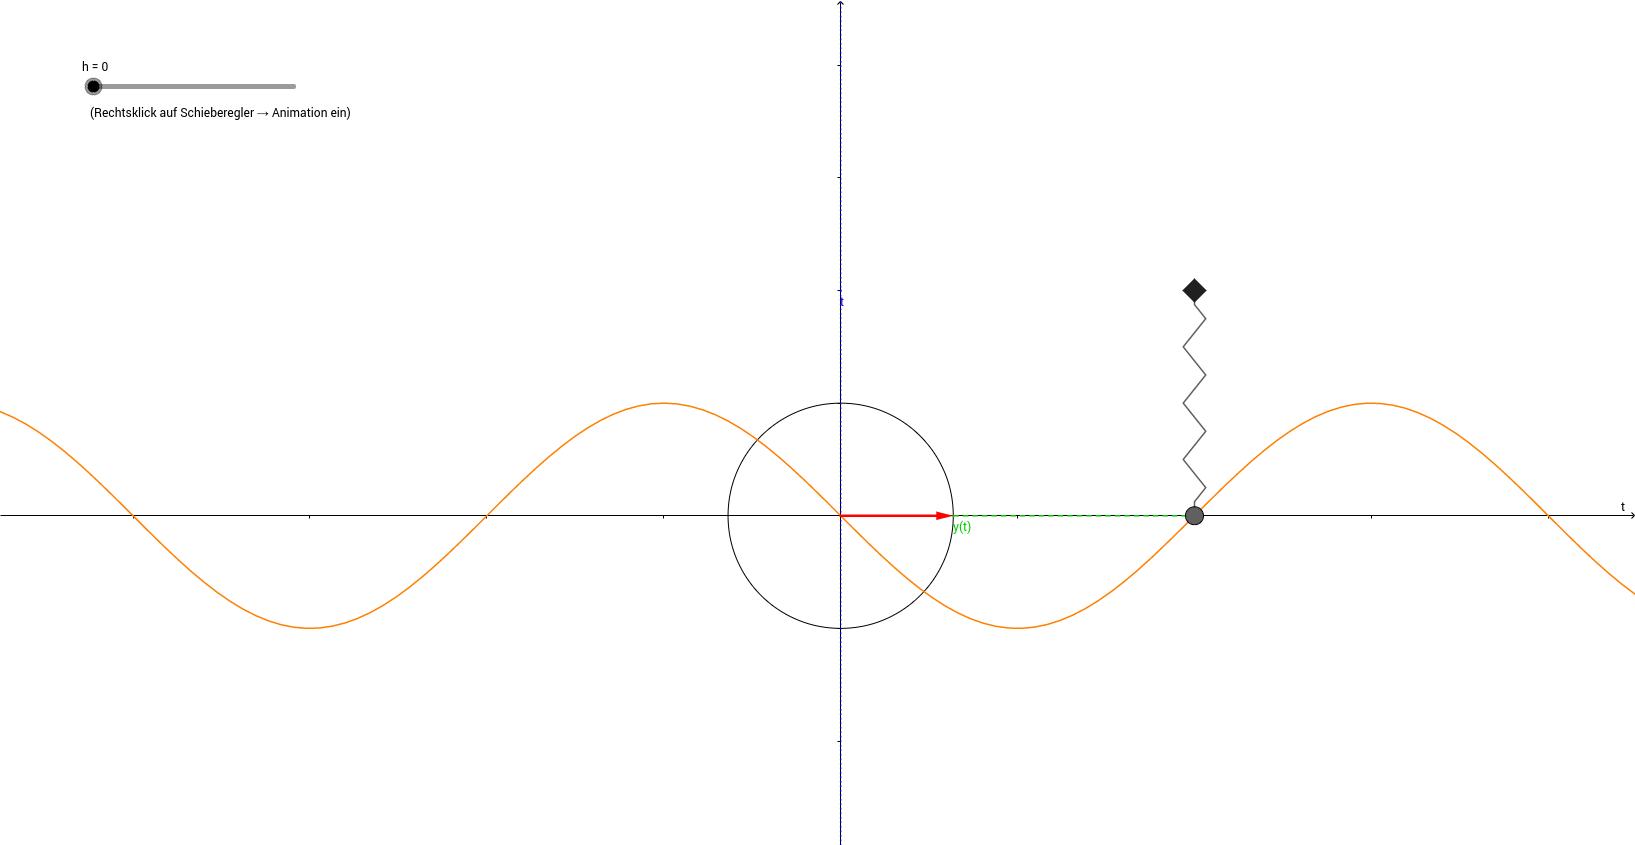 Zeigerdiagramm am Beispiel eines Federpendels